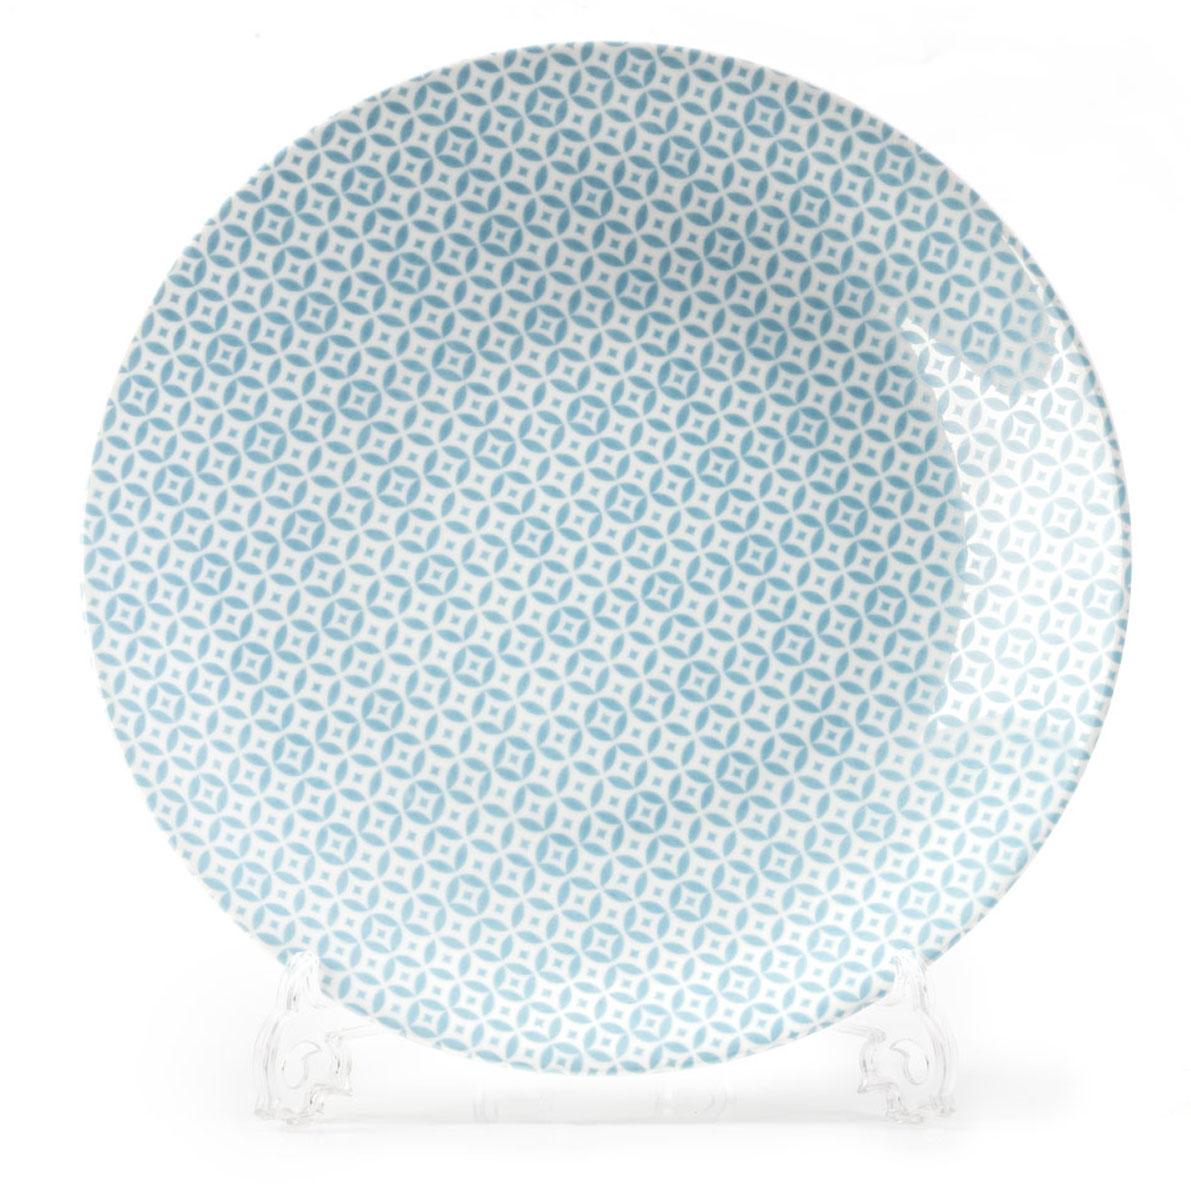 Тарелка La Rose des Sables Витон, цвет: голубой, диаметр 27 см720127 2303Тарелка La Rose des Sables Витон выполнена из тунисского фарфора, изготовленного из уникальной белой глины, которую добывают во французской провинции Лимож. Фарфоровая тарелка из знаменитой Лиможской глины.Фарфор превосходного качества. Благодаря двойному термическому обжигу, этот тонкостенный фарфор обладает высокой ударопрочностью, жаропрочностью и великолепным блеском глазури.Тарелка идеально подходит для повседневного использования. Отлично смотрится в любом интерьере. Можно использовать в СВЧ печи и мыть в посудомоечной машине.Диаметр: 27 см.